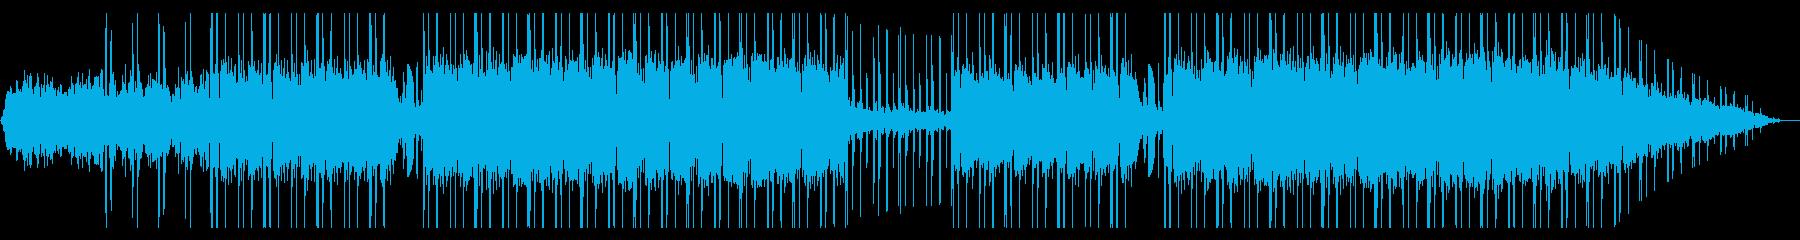 ギター パーカッション メランコリックの再生済みの波形